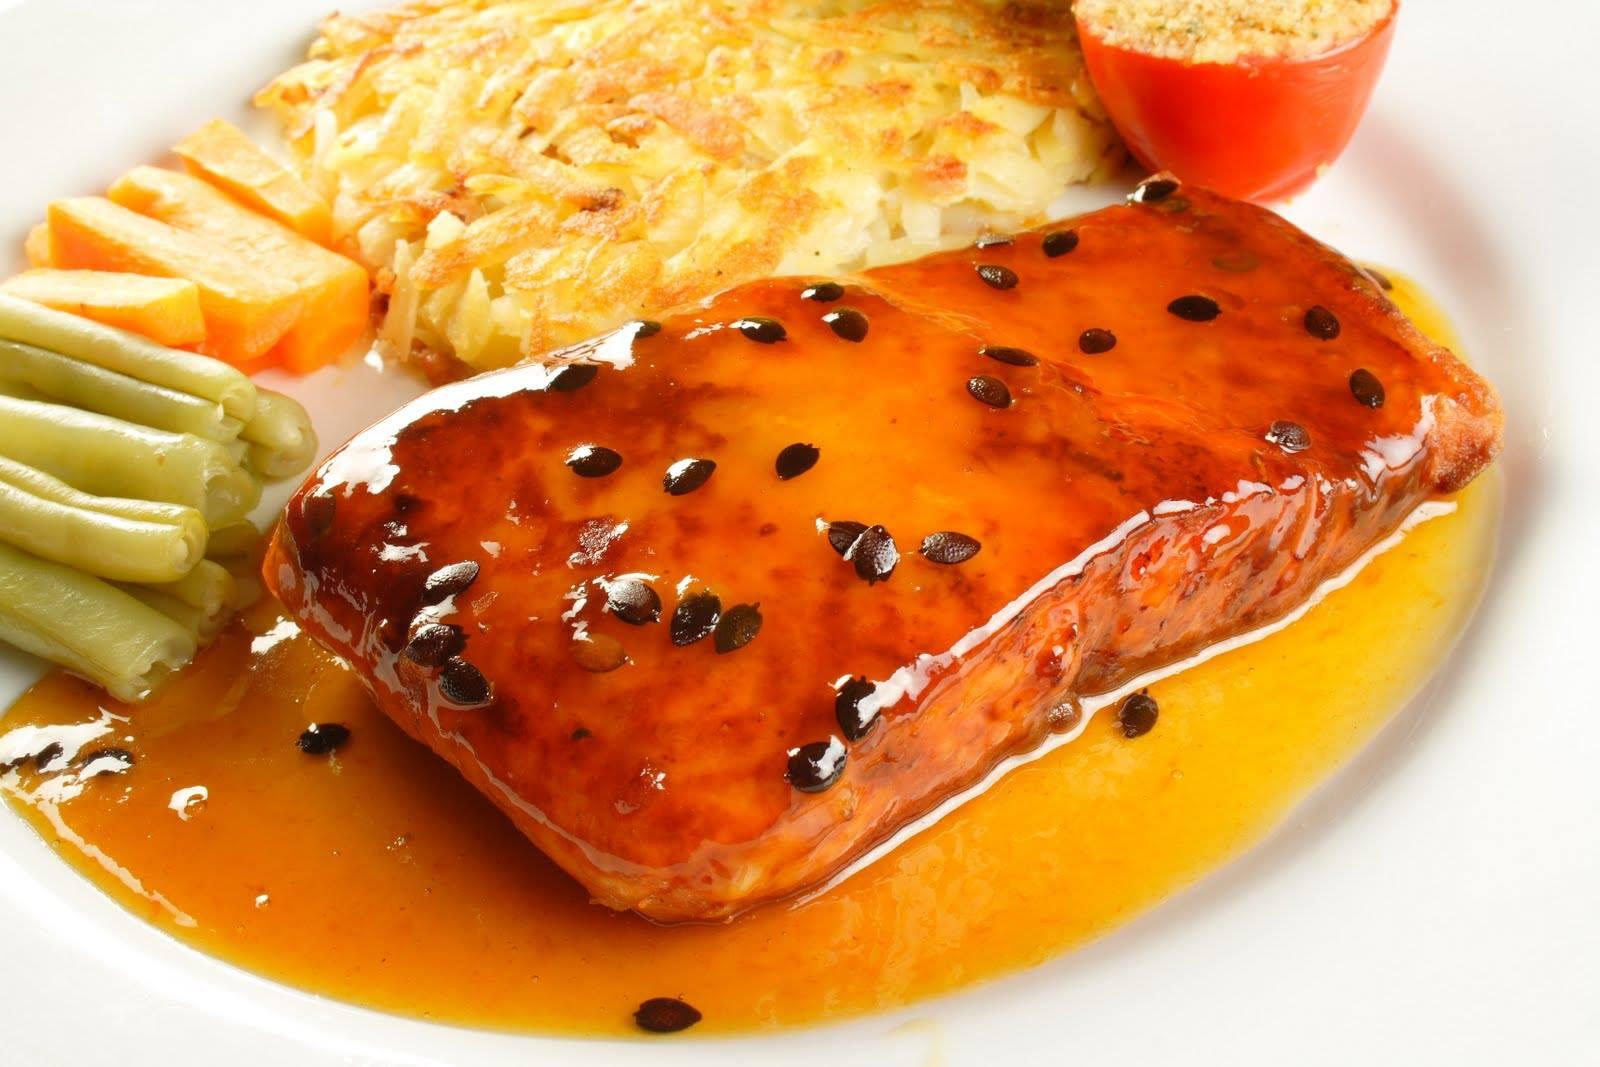 Filé de salmão ao molho de maracujá